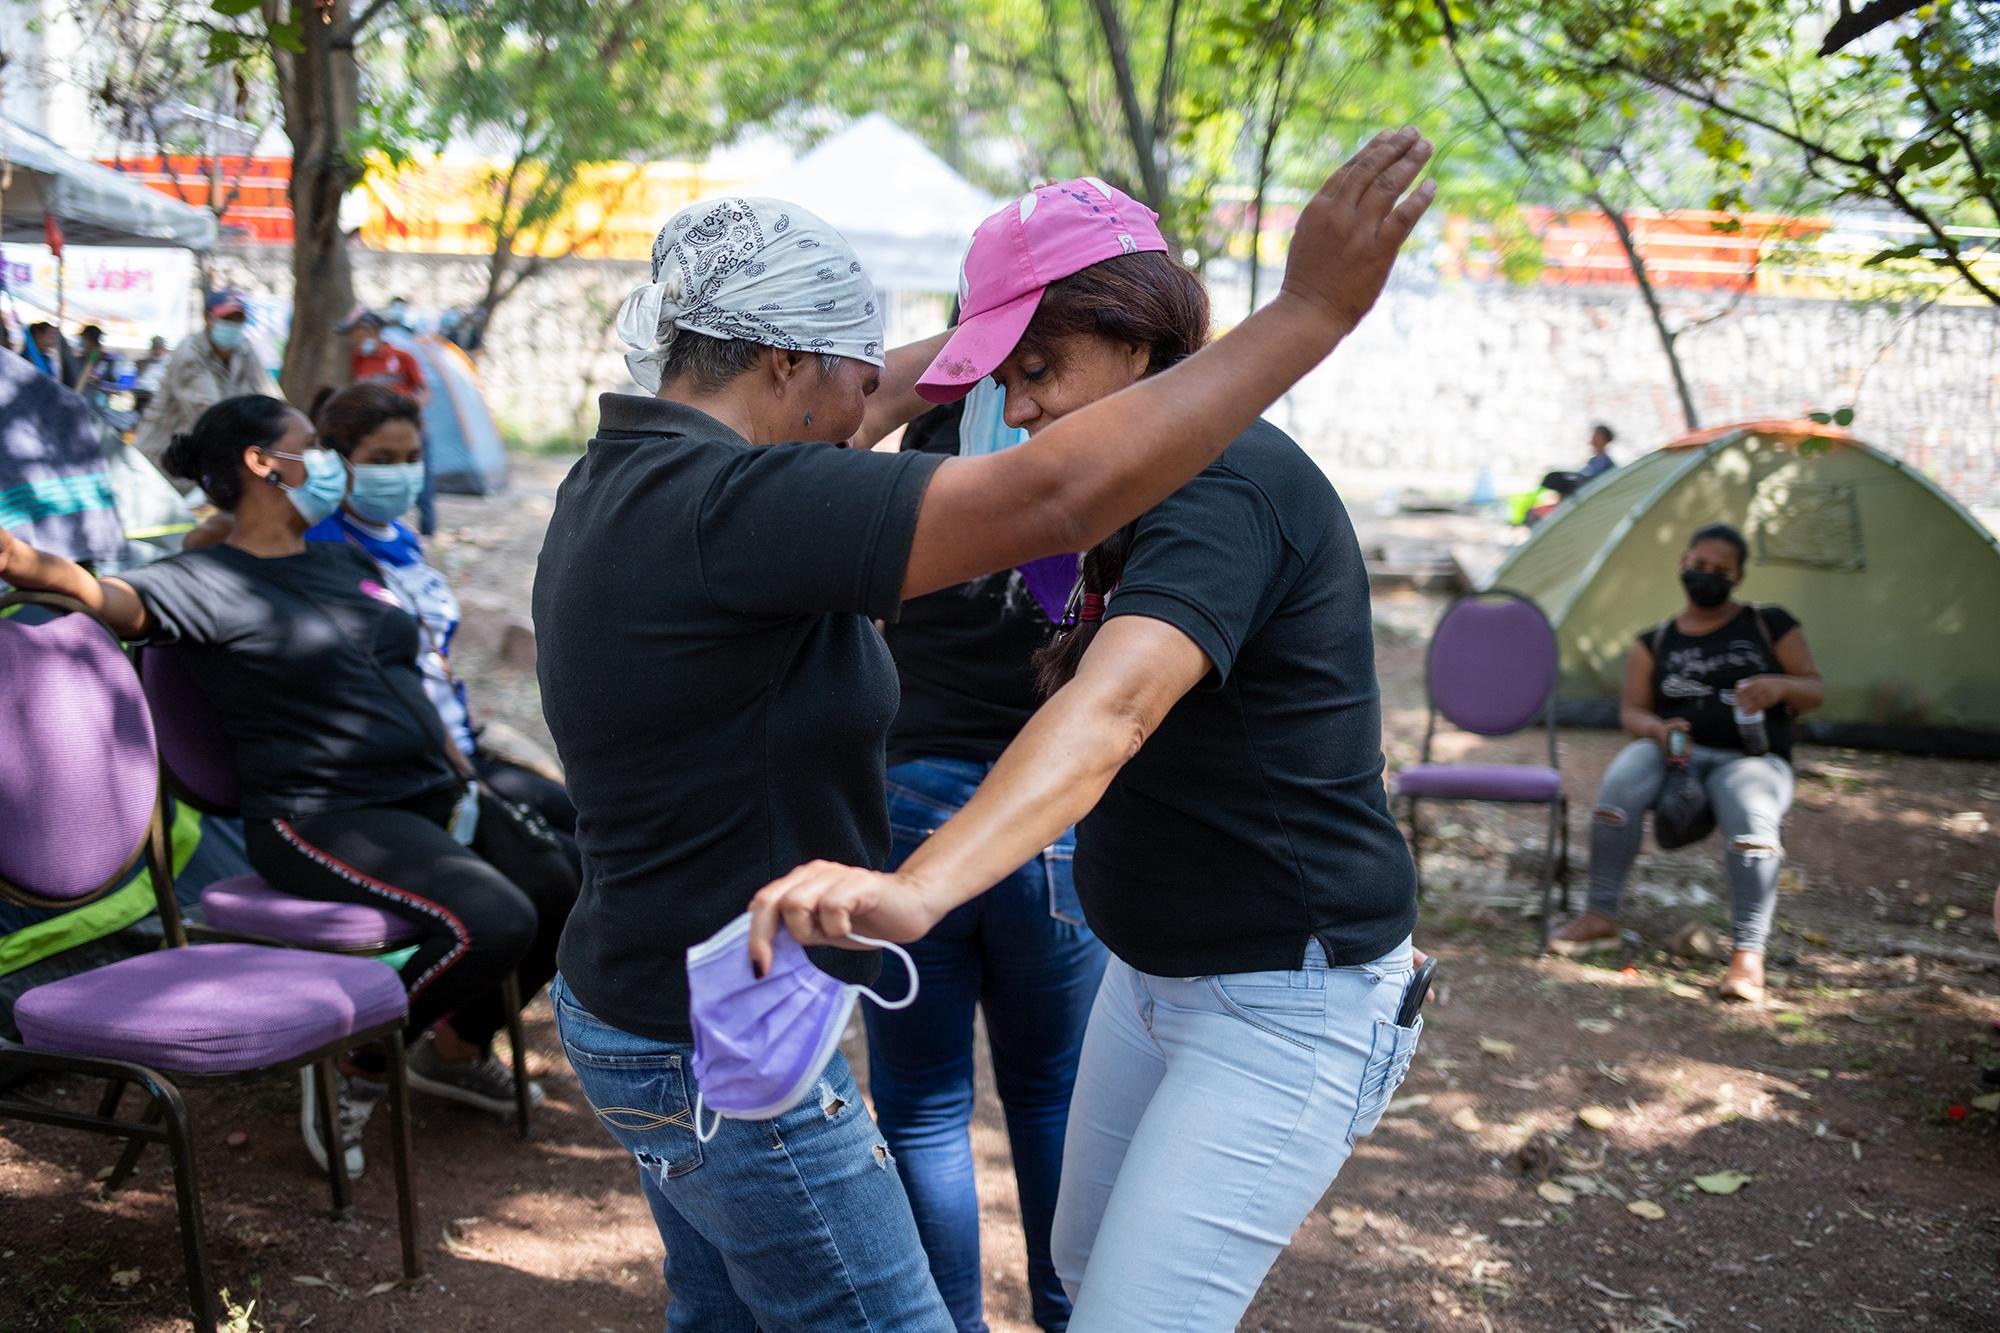 Mujeres de la Red de Mujeres de Ojojona bailan durante Campamento Feminista Viva Berta. Tegucigalpa, 18 de mayo de 2021. Foto: Martín Cálix.